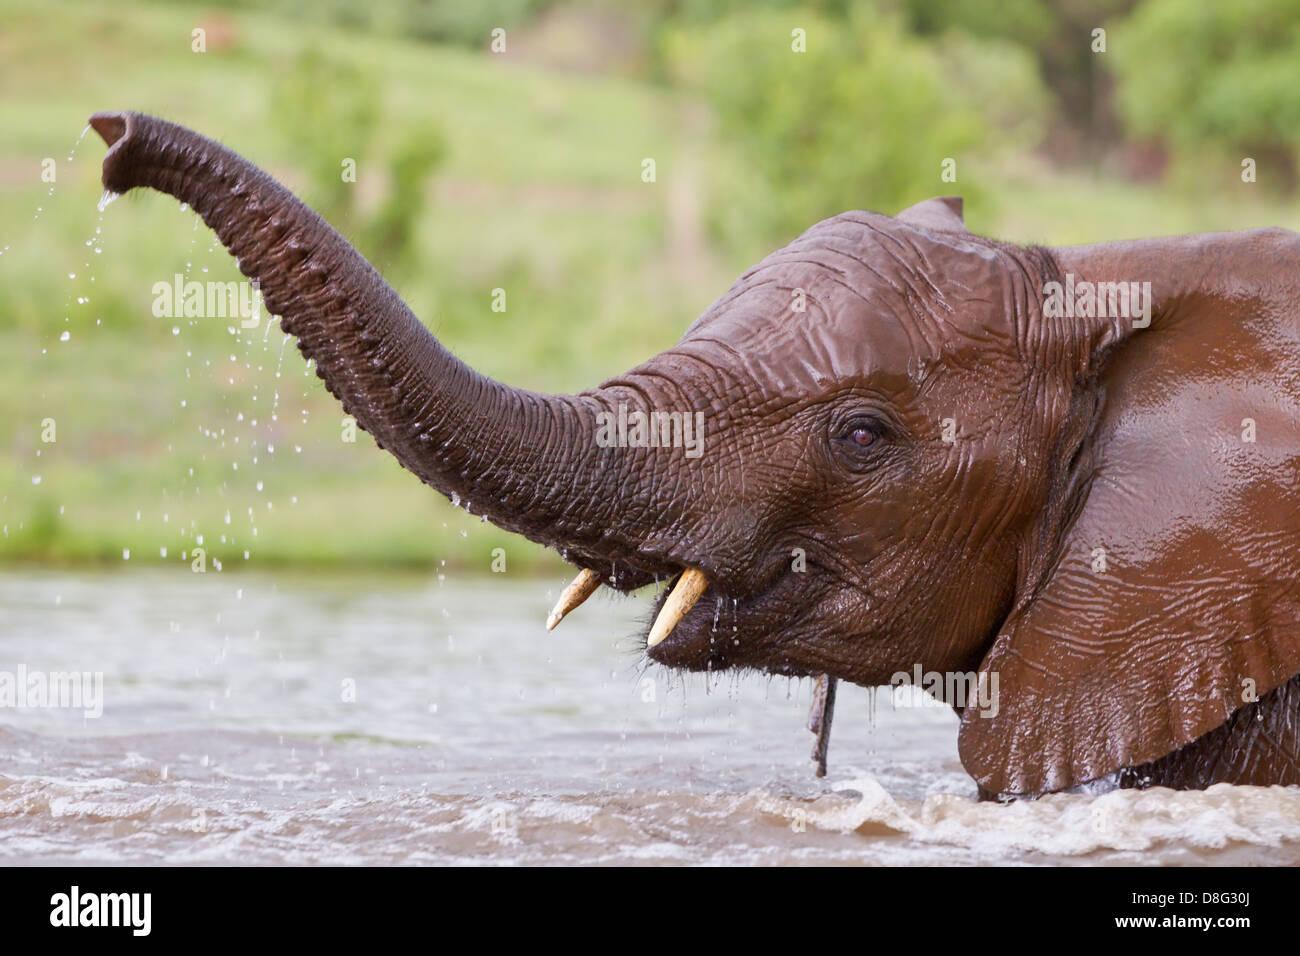 Elefante africano (Loxodonta africana) ternera joven jugando en el agua.Sudáfrica Foto de stock